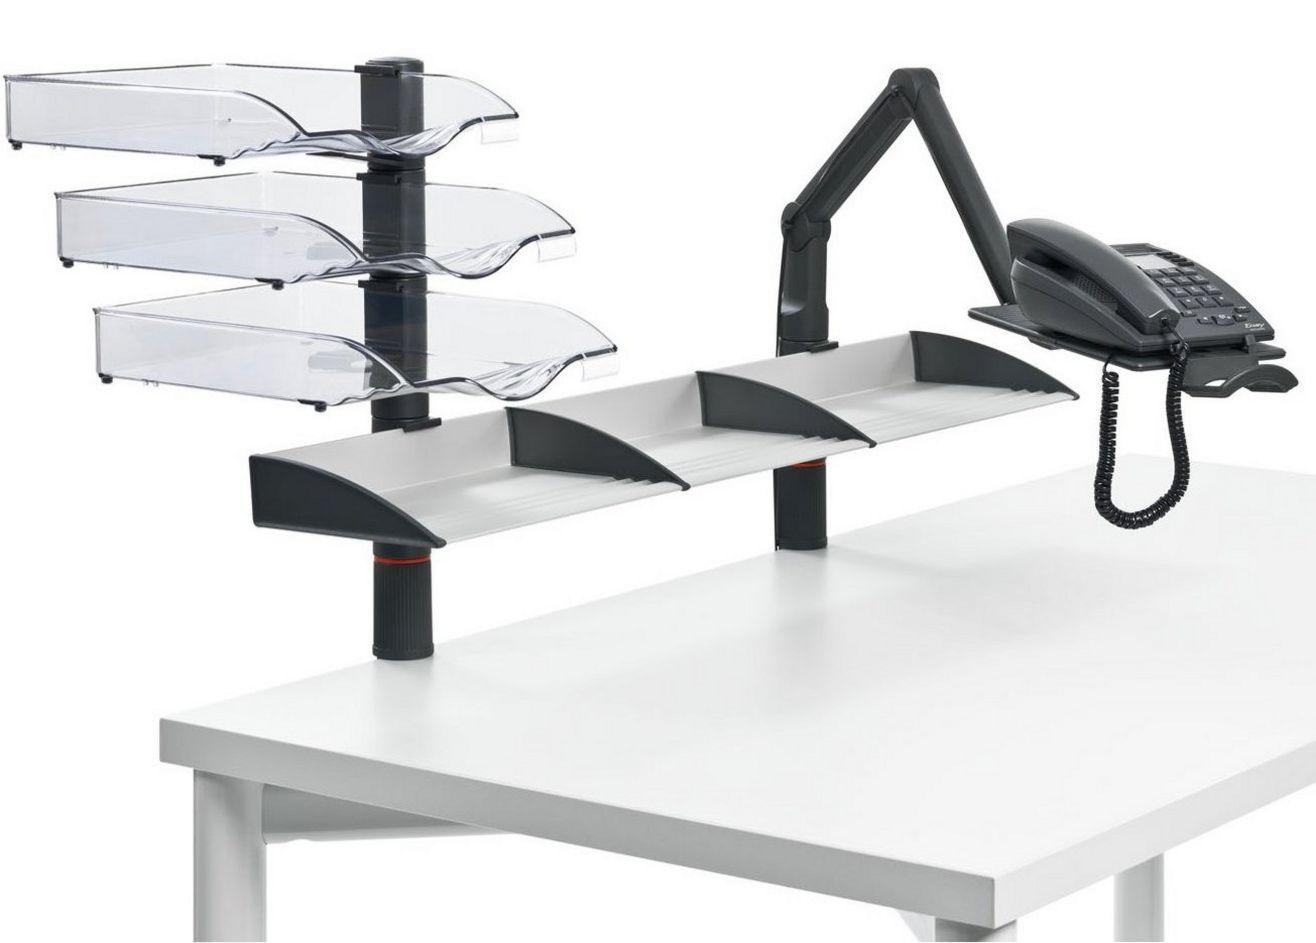 Tischhalterung für schwenkbaren Telefon-Tragarm und Dokumenten-Ablagefächer